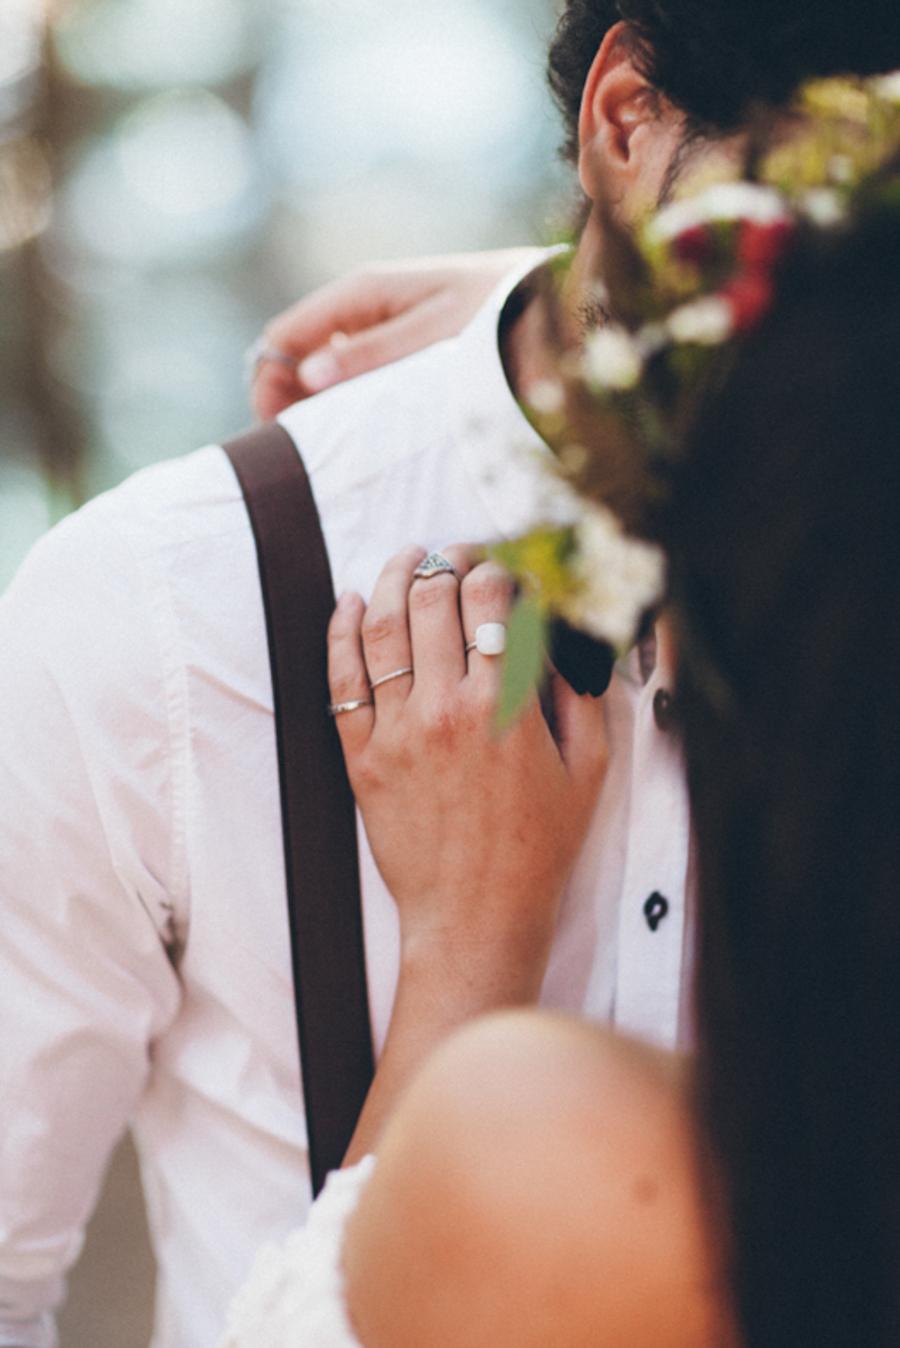 matrimonio-boho-chic-e-naturale-sweetphotofactory-wedding-wonderland-19